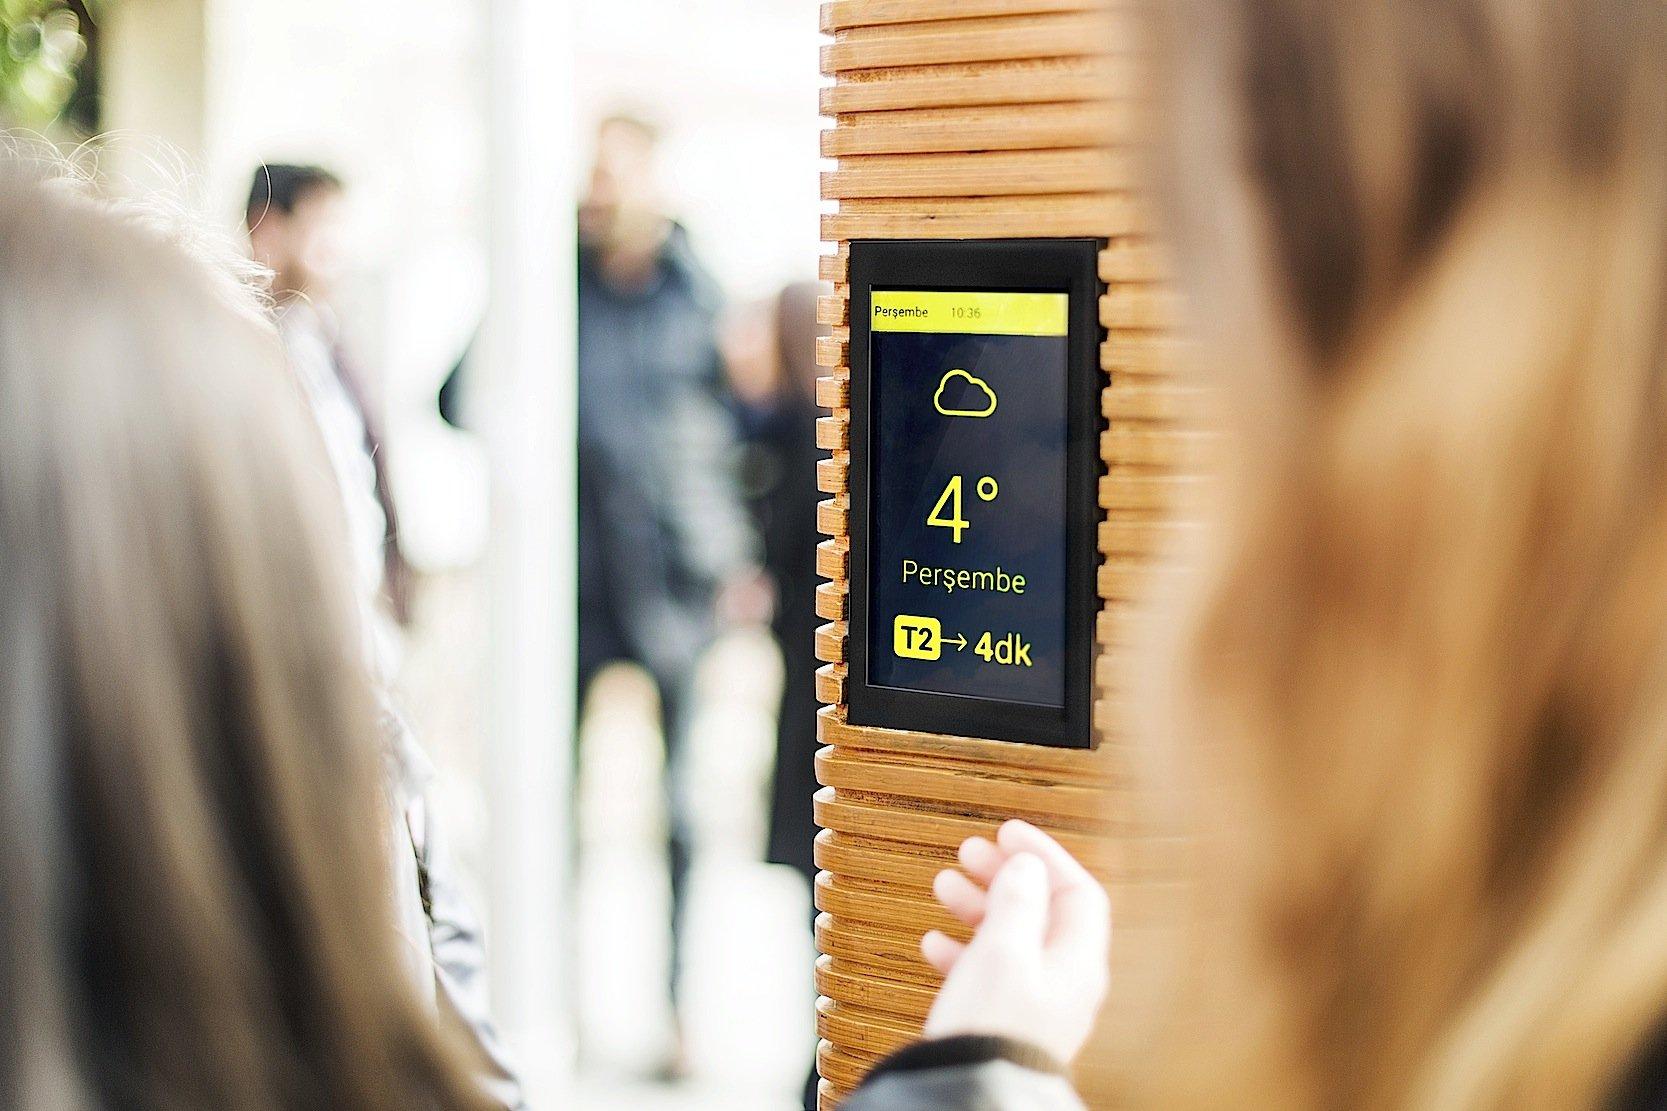 Auf einem kleinen Bildschirm können die Verkehrsbetriebe Informationen zum Wetter, den Ankunfts- und Abfahrtszeiten sowie den Strecken von Bus und Bahn anzeigen.